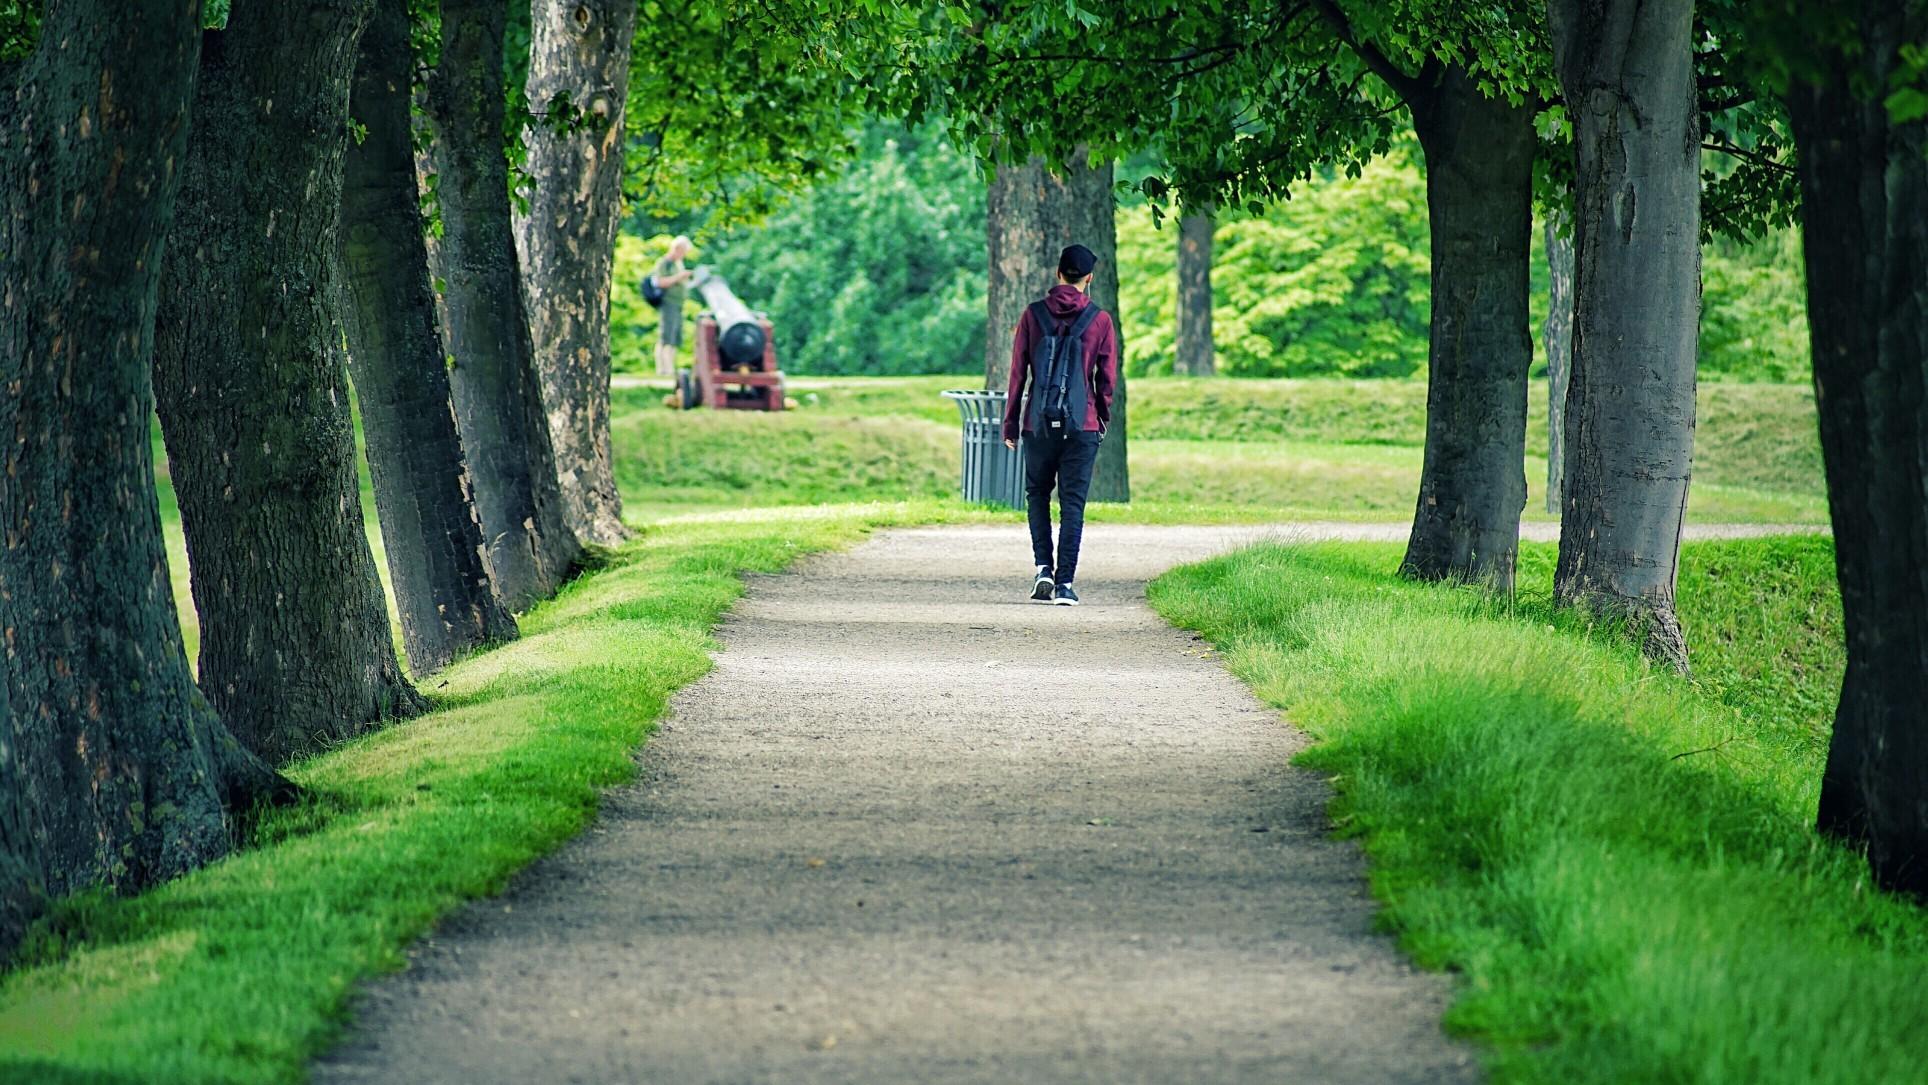 Walking alone in a park